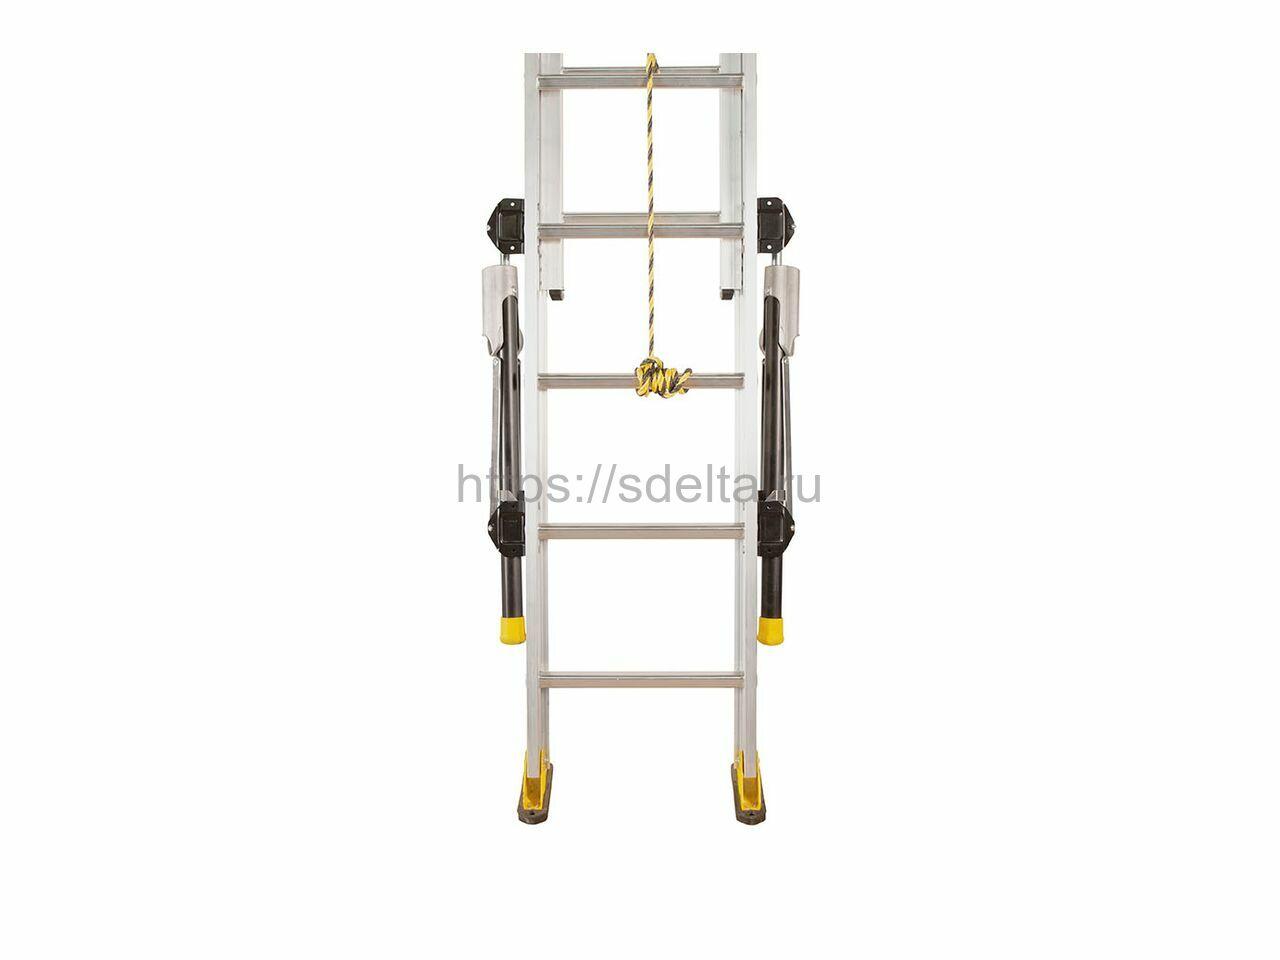 Трехсекционная алюминиевая выдвижная лестница Centaure C 3х17 с регулируемыми стабилизаторами